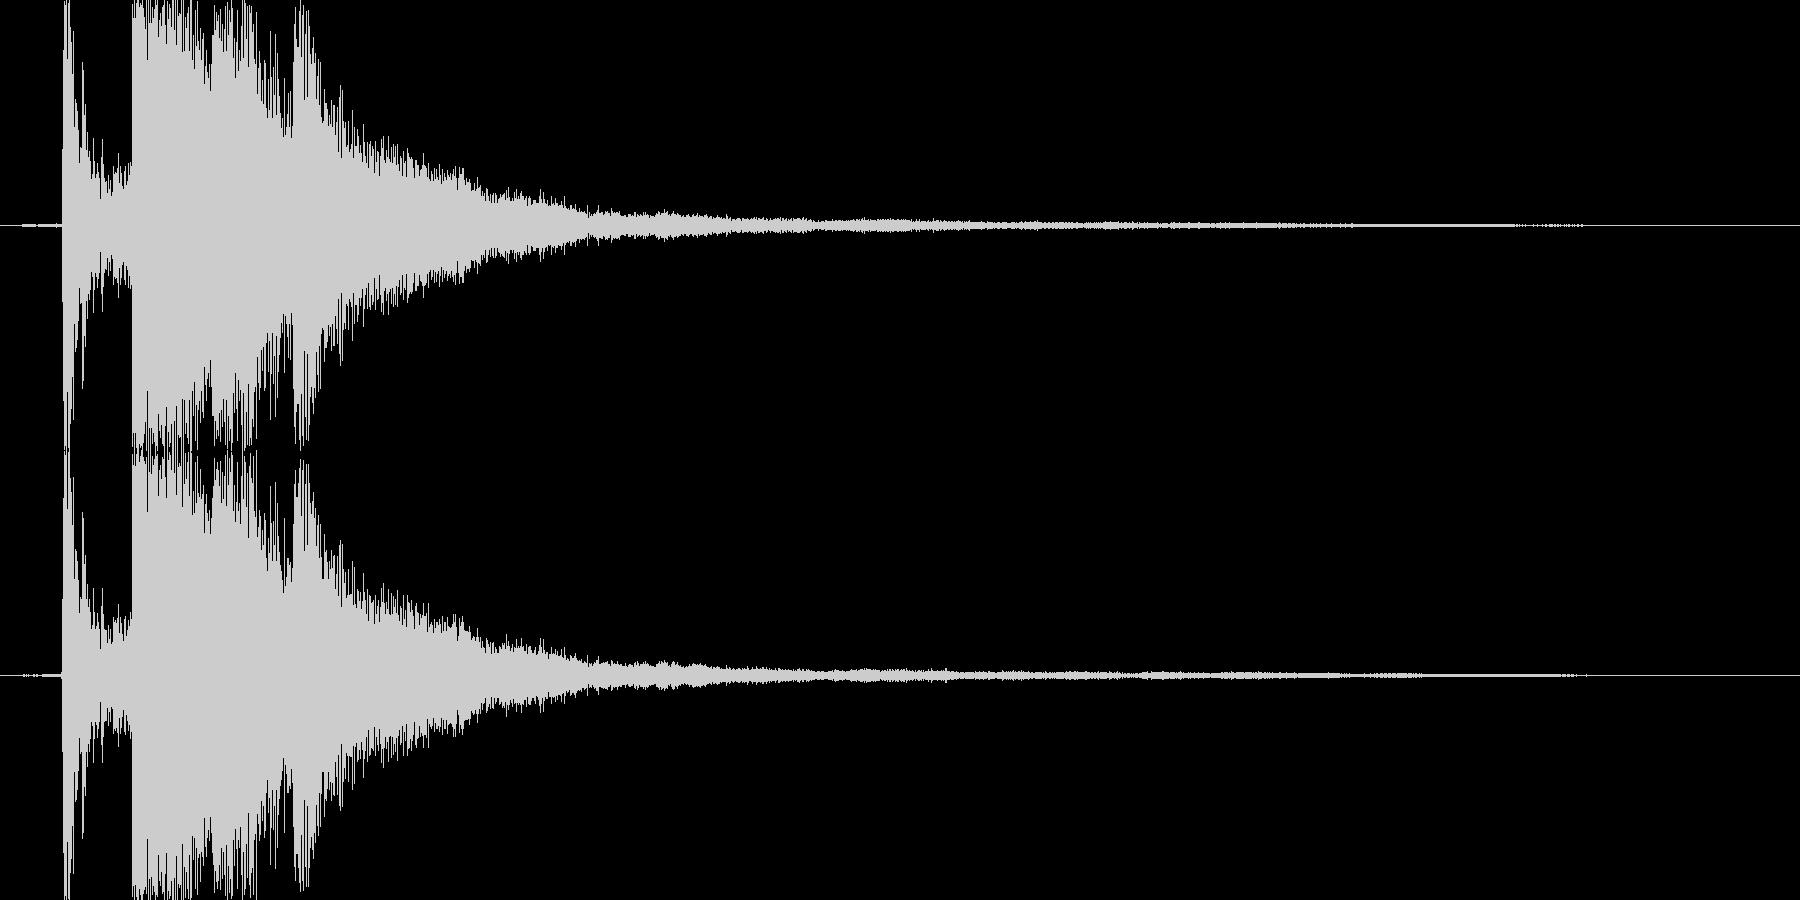 氷・クリスタルが砕ける音1の未再生の波形